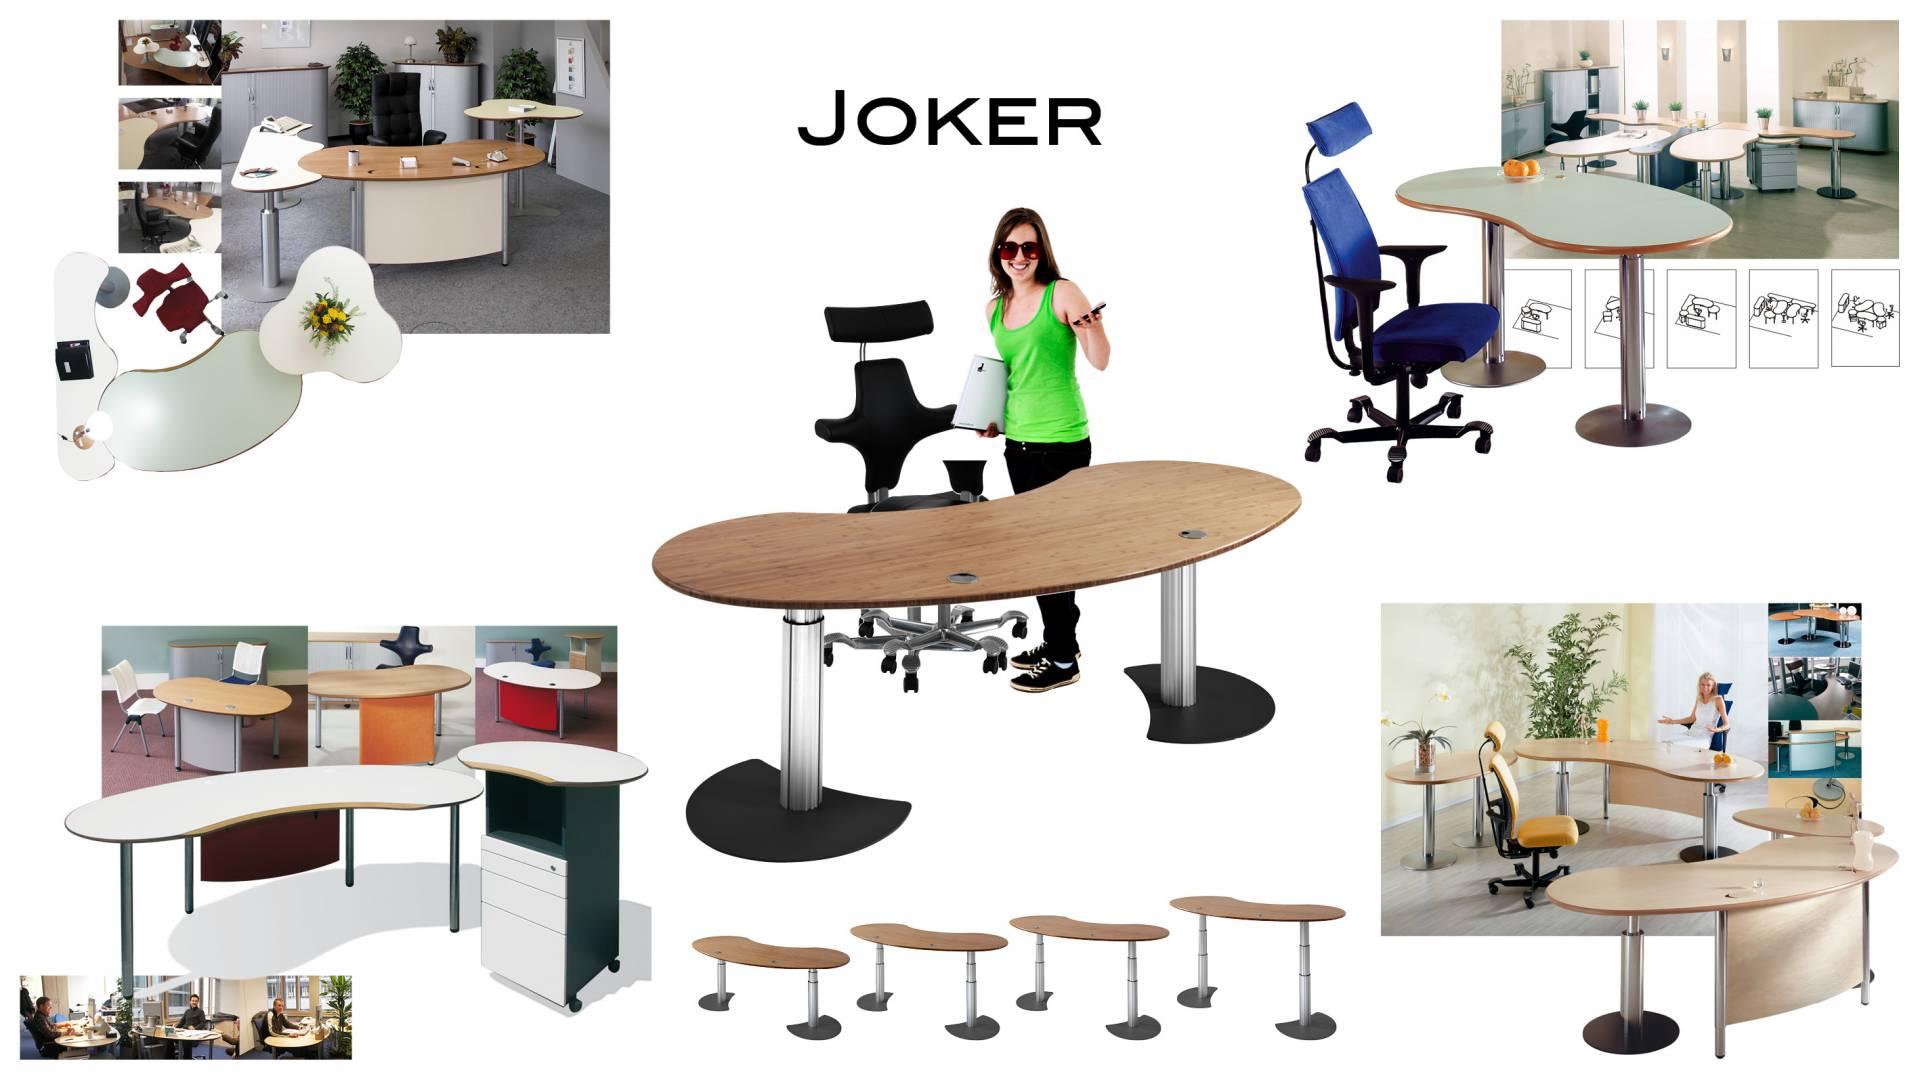 Joker addons programm overview